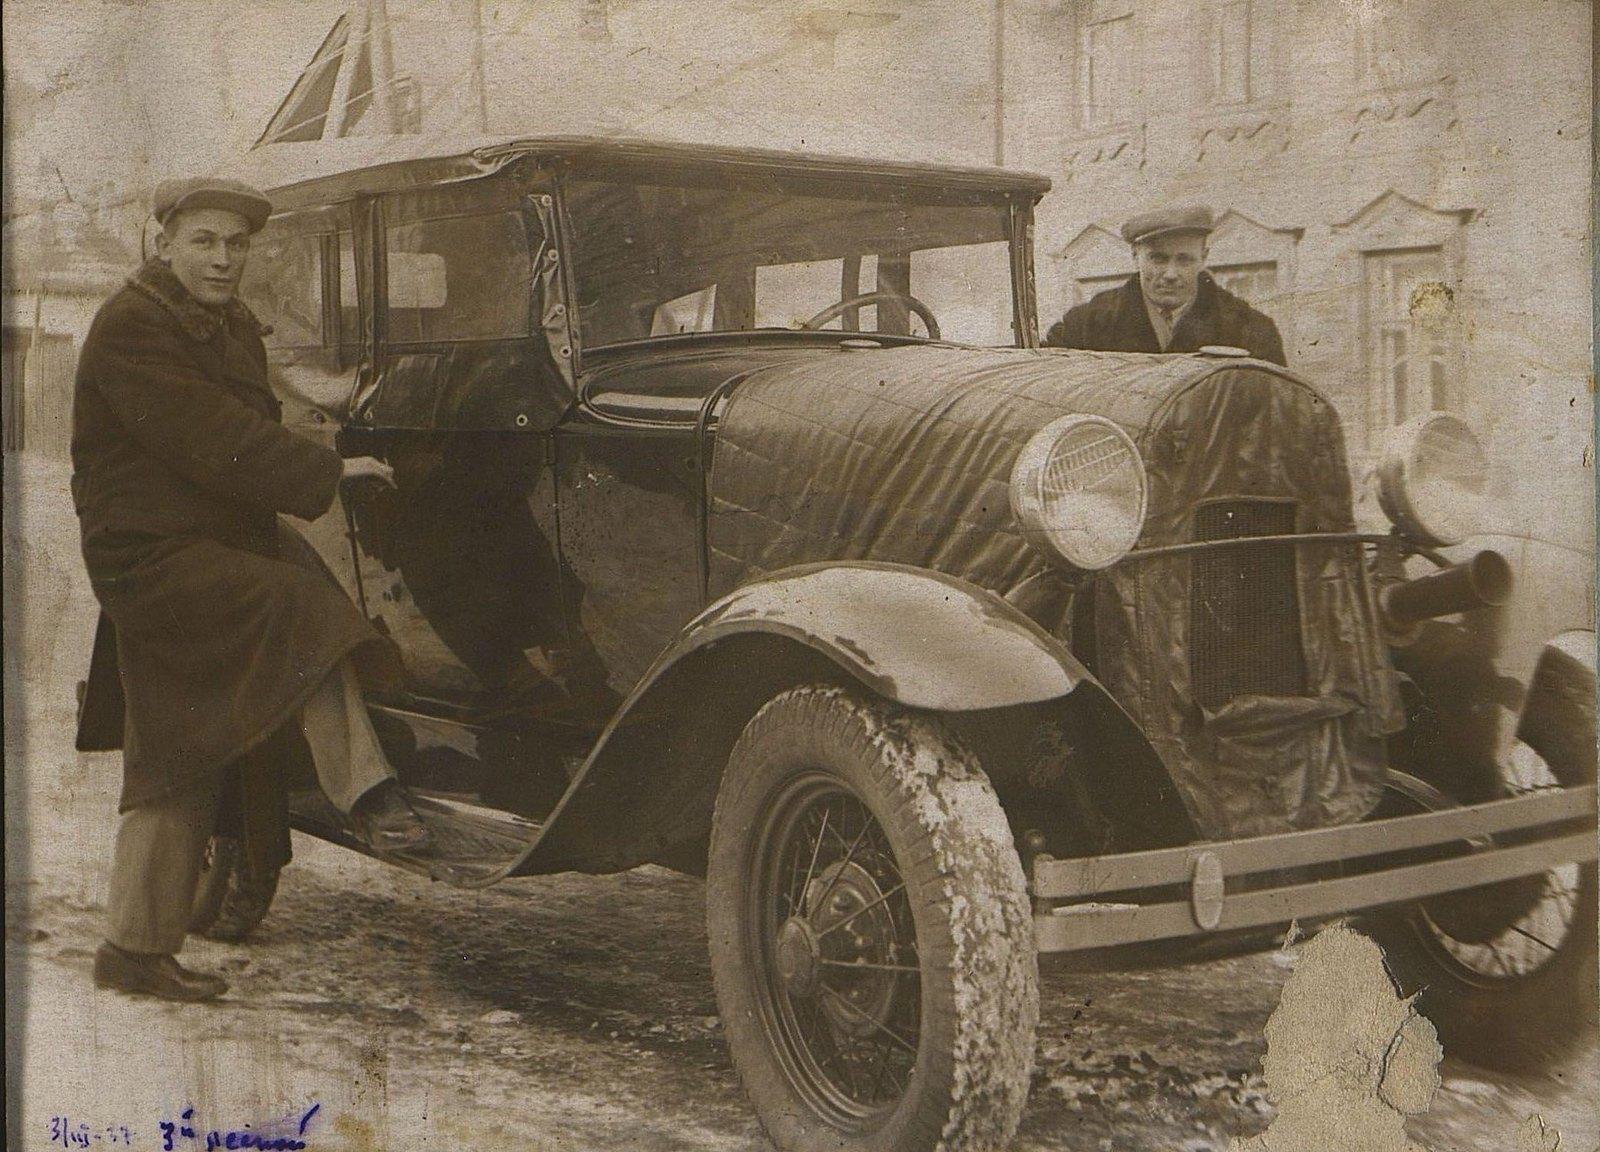 11. 1937. Ушаков И.Е. на строительстве школы на Нижней Пресне (с неизвестным около автомобиля). 3 марта